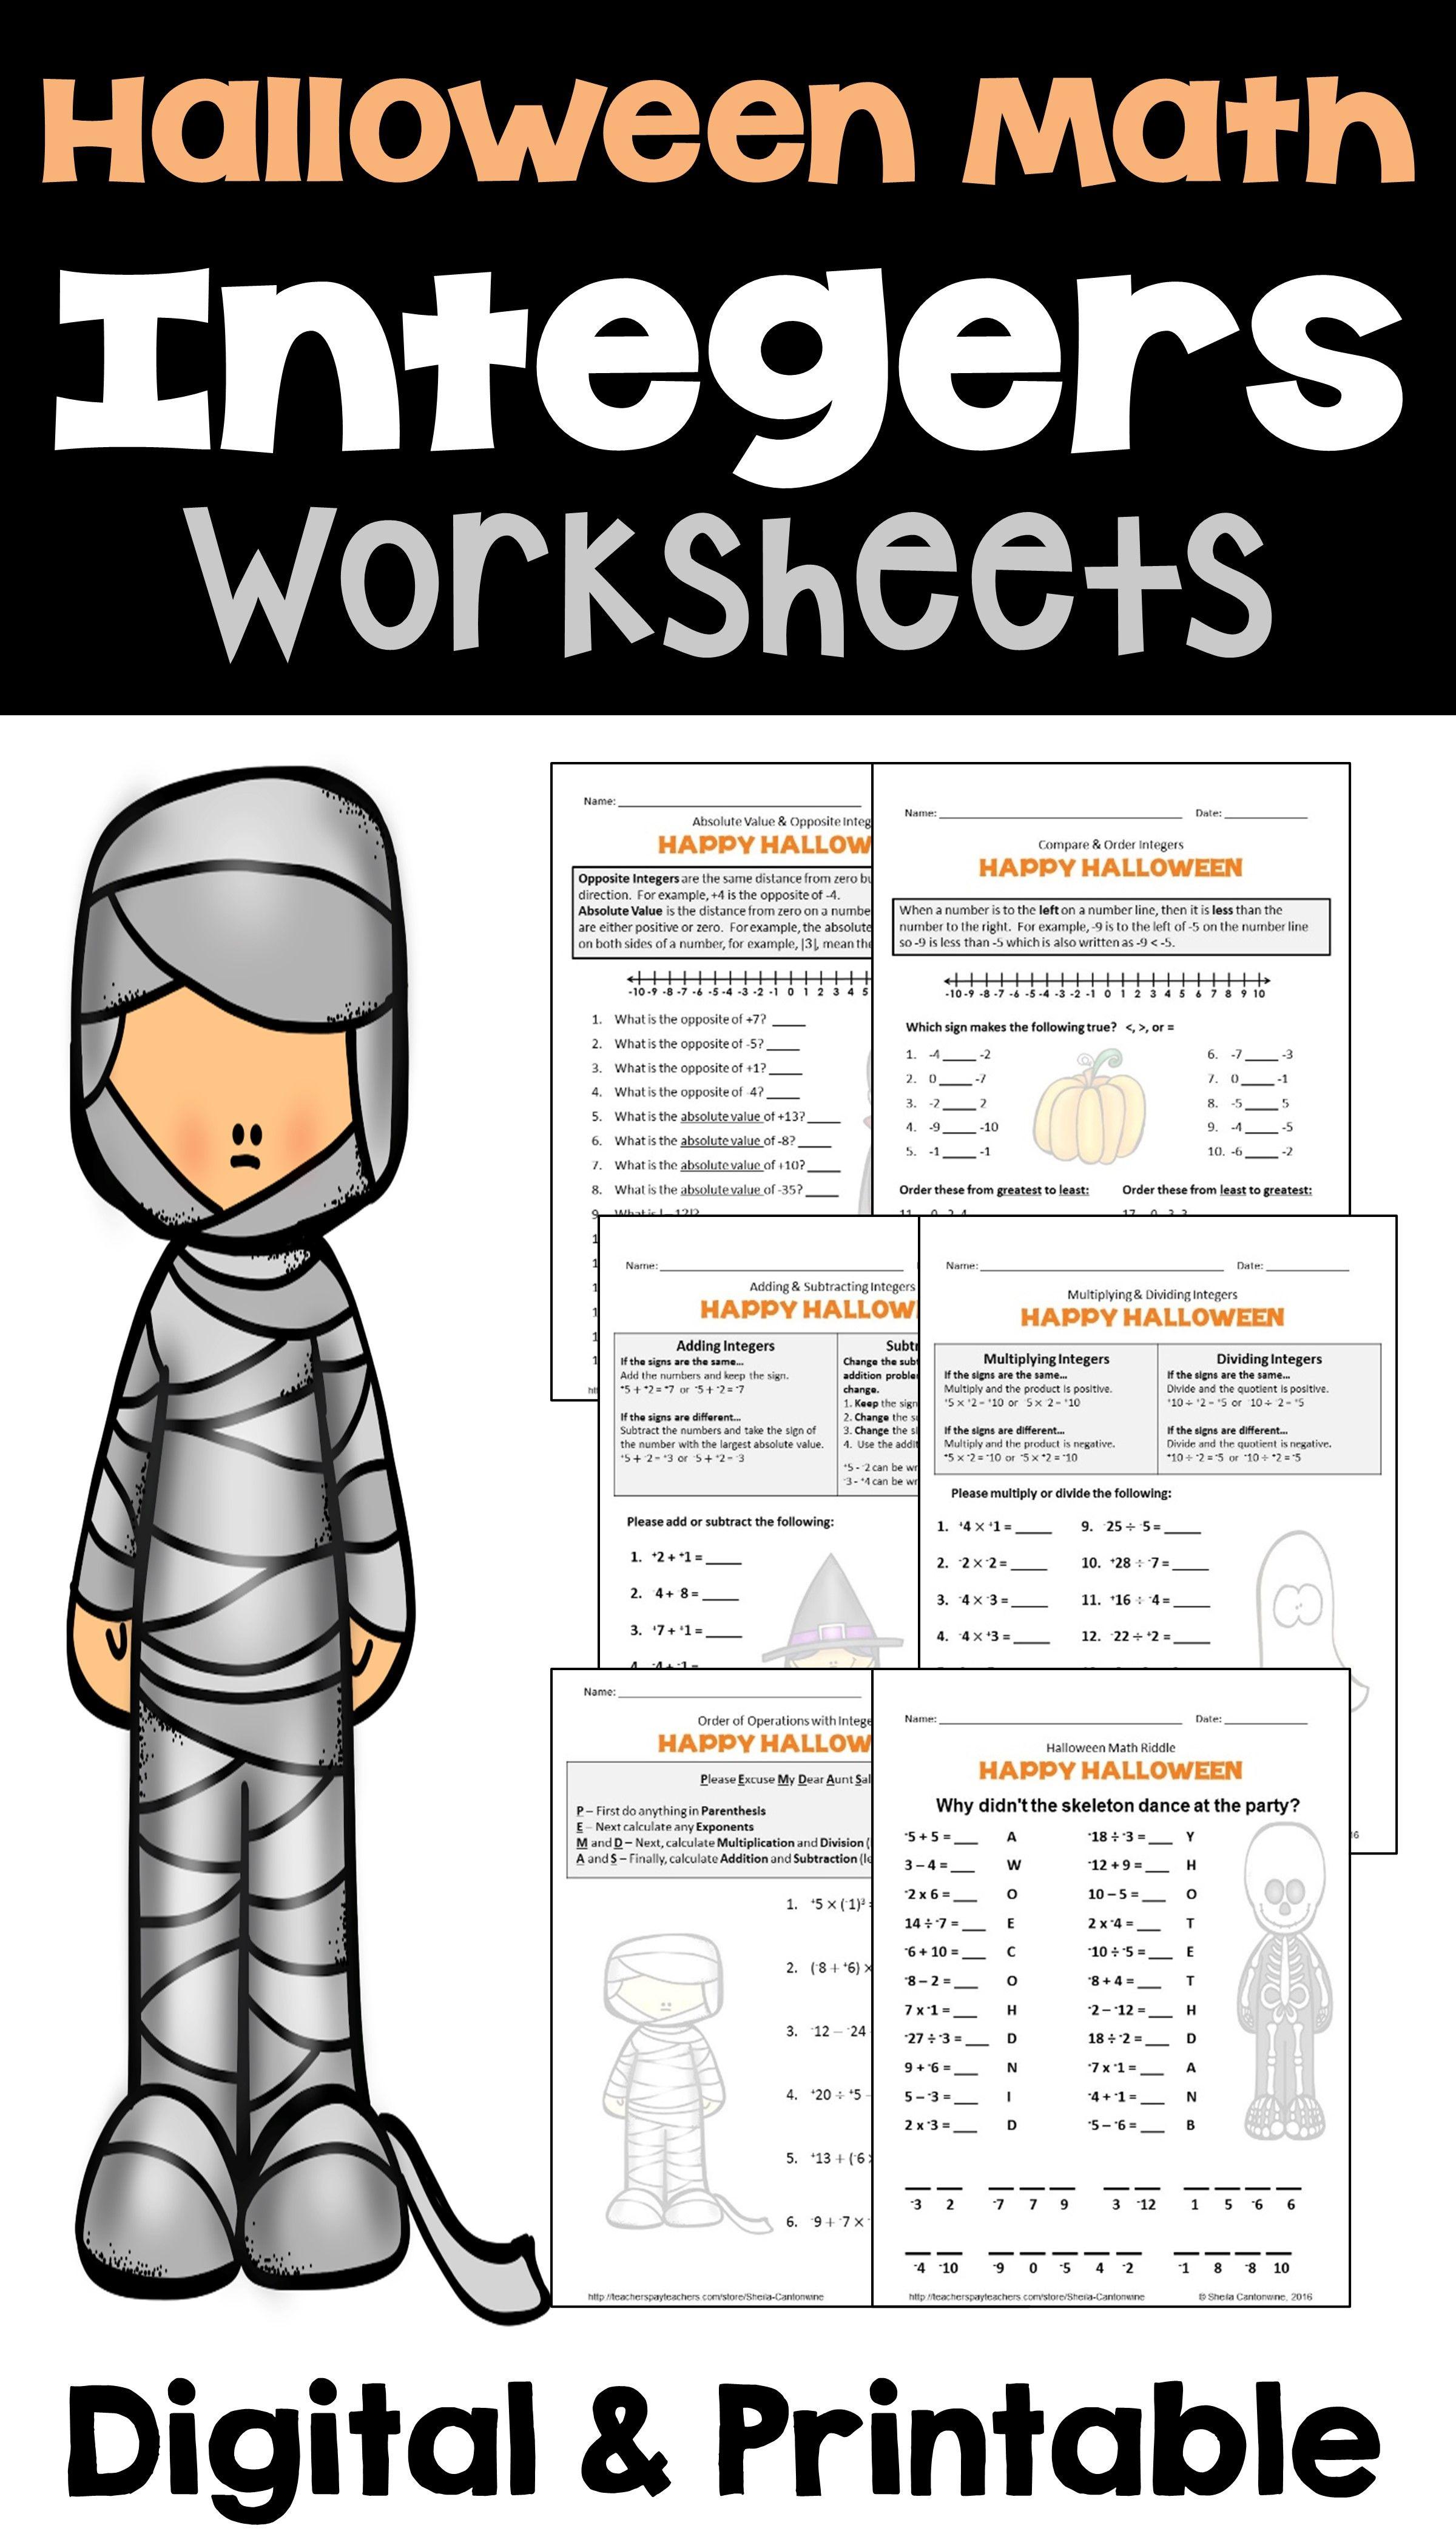 Halloween Integers Worksheets With Digital And Printable Options Integers Worksheet Integers Math Activities [ 4200 x 2400 Pixel ]